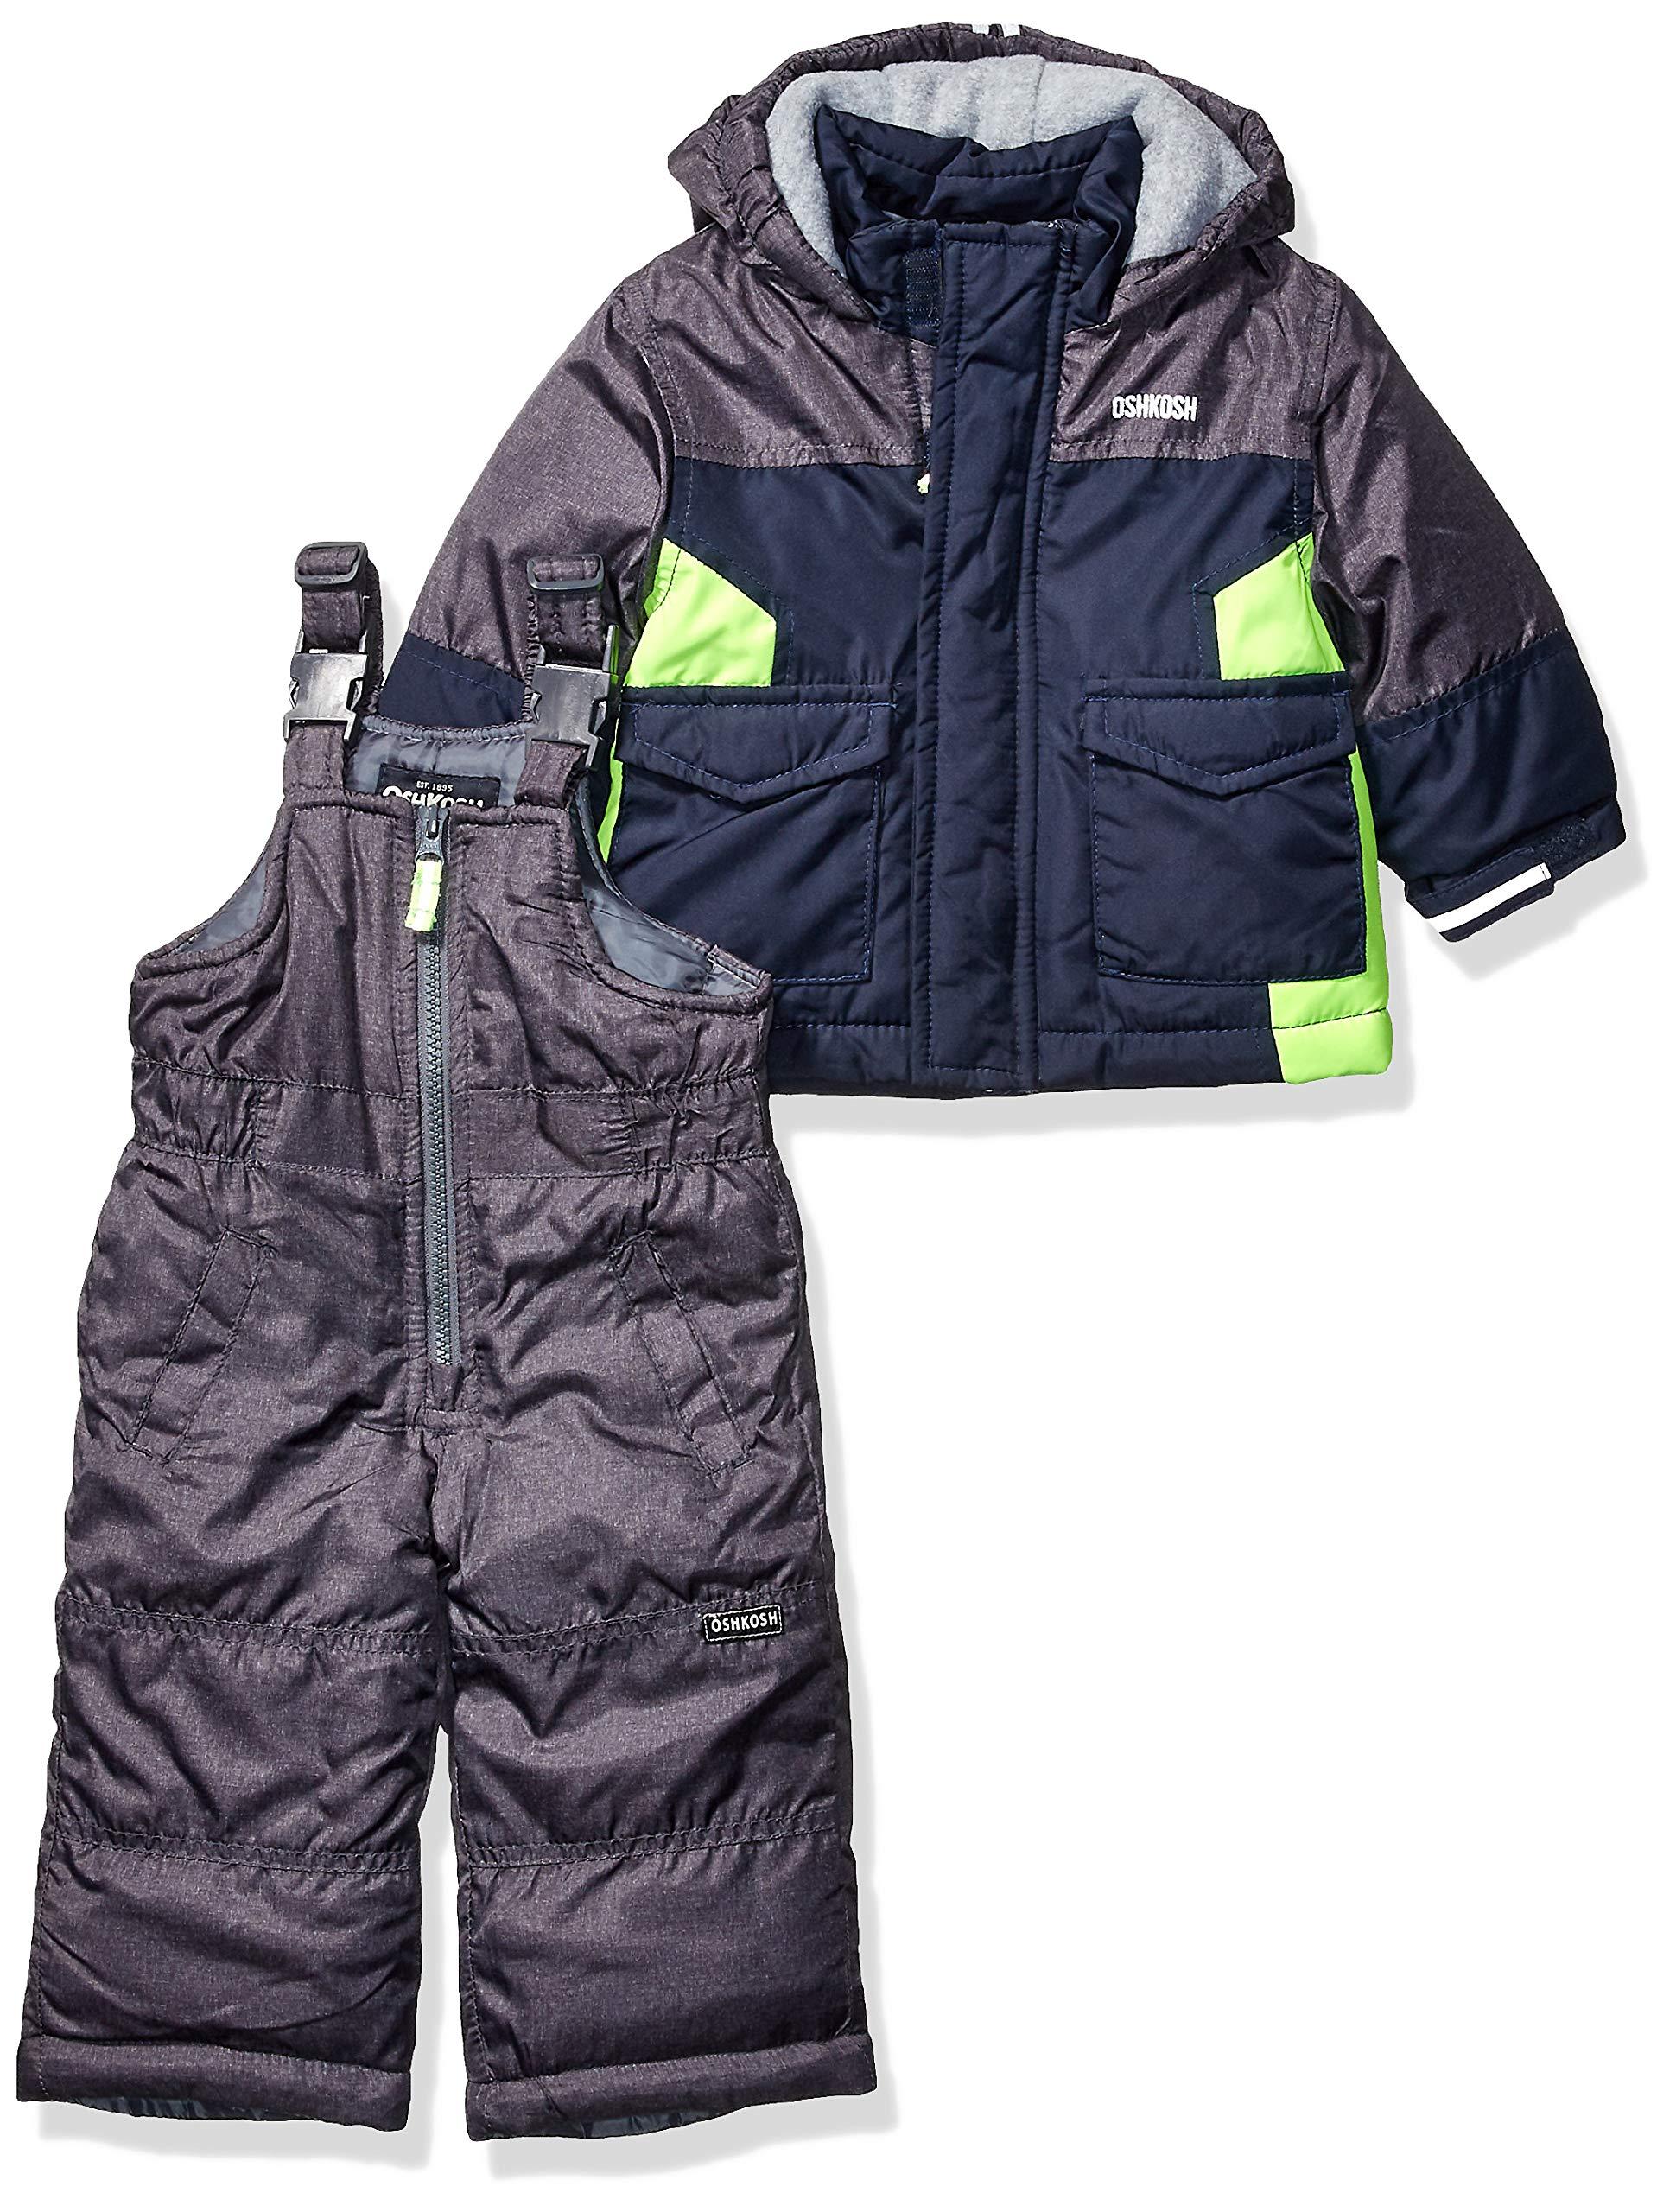 OshKosh B'Gosh Baby Boys Ski Jacket and Snowbib Snowsuit Set, Navy Fall, 24Mo by OshKosh B'Gosh